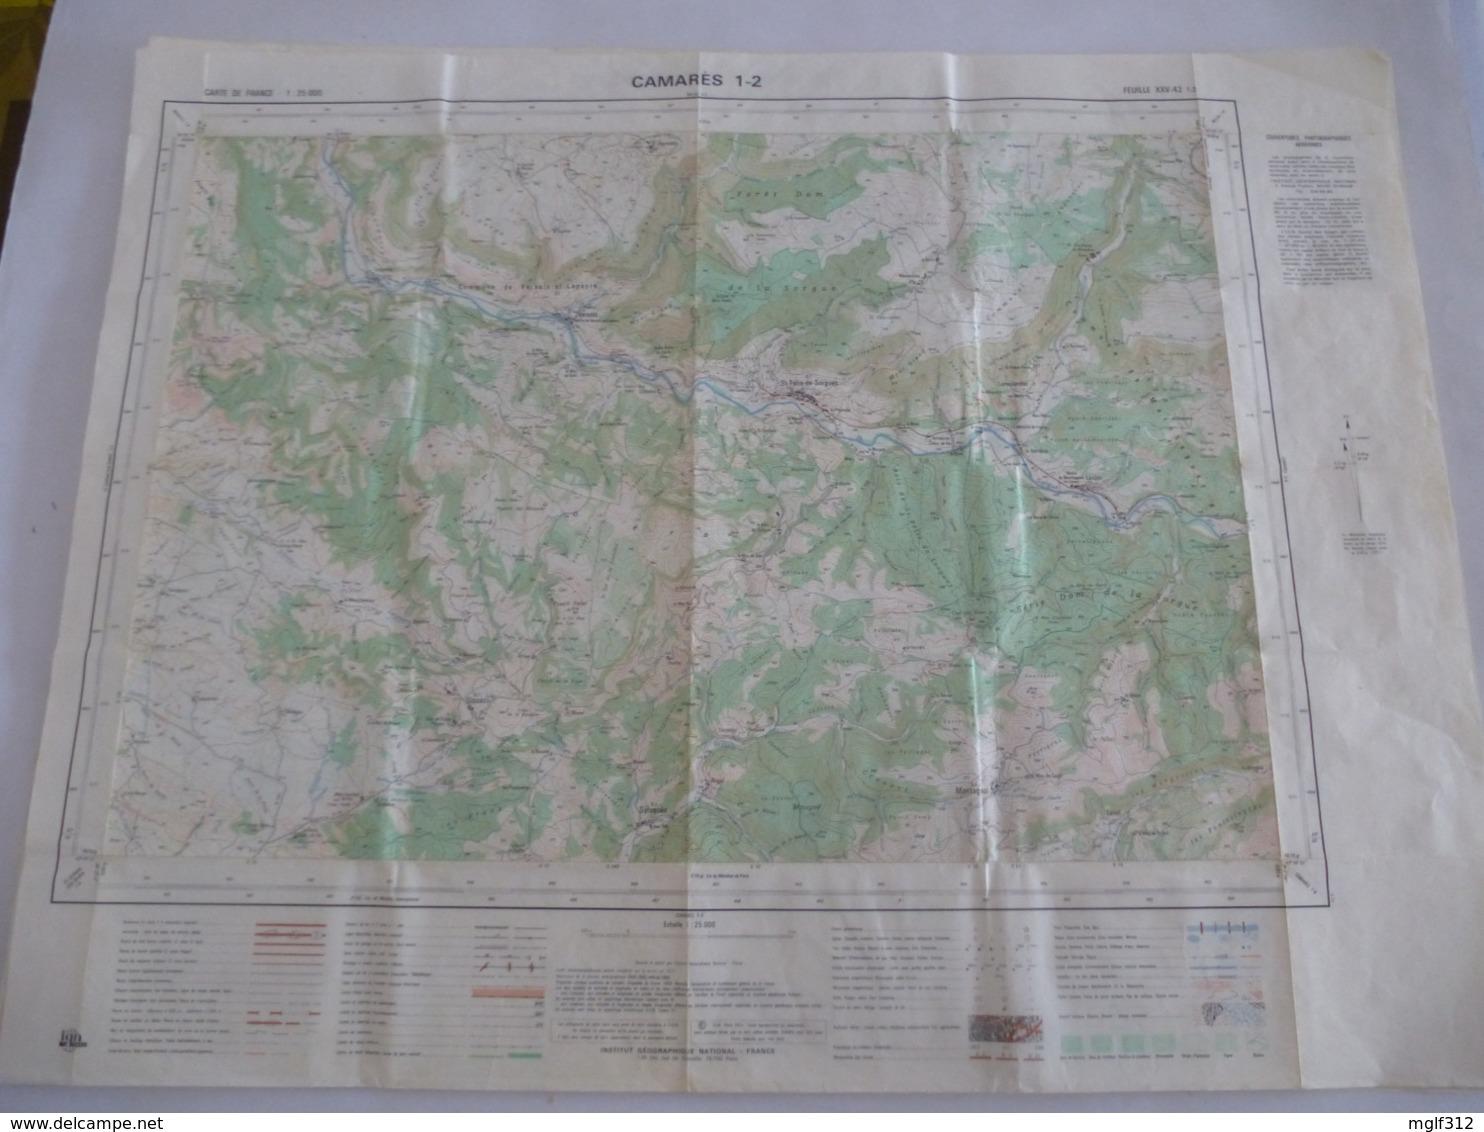 CAMARES (12) CARTES  IGN Au 1/25000 - Feuille 1/2 - Détails Voir Les Scans - Topographical Maps